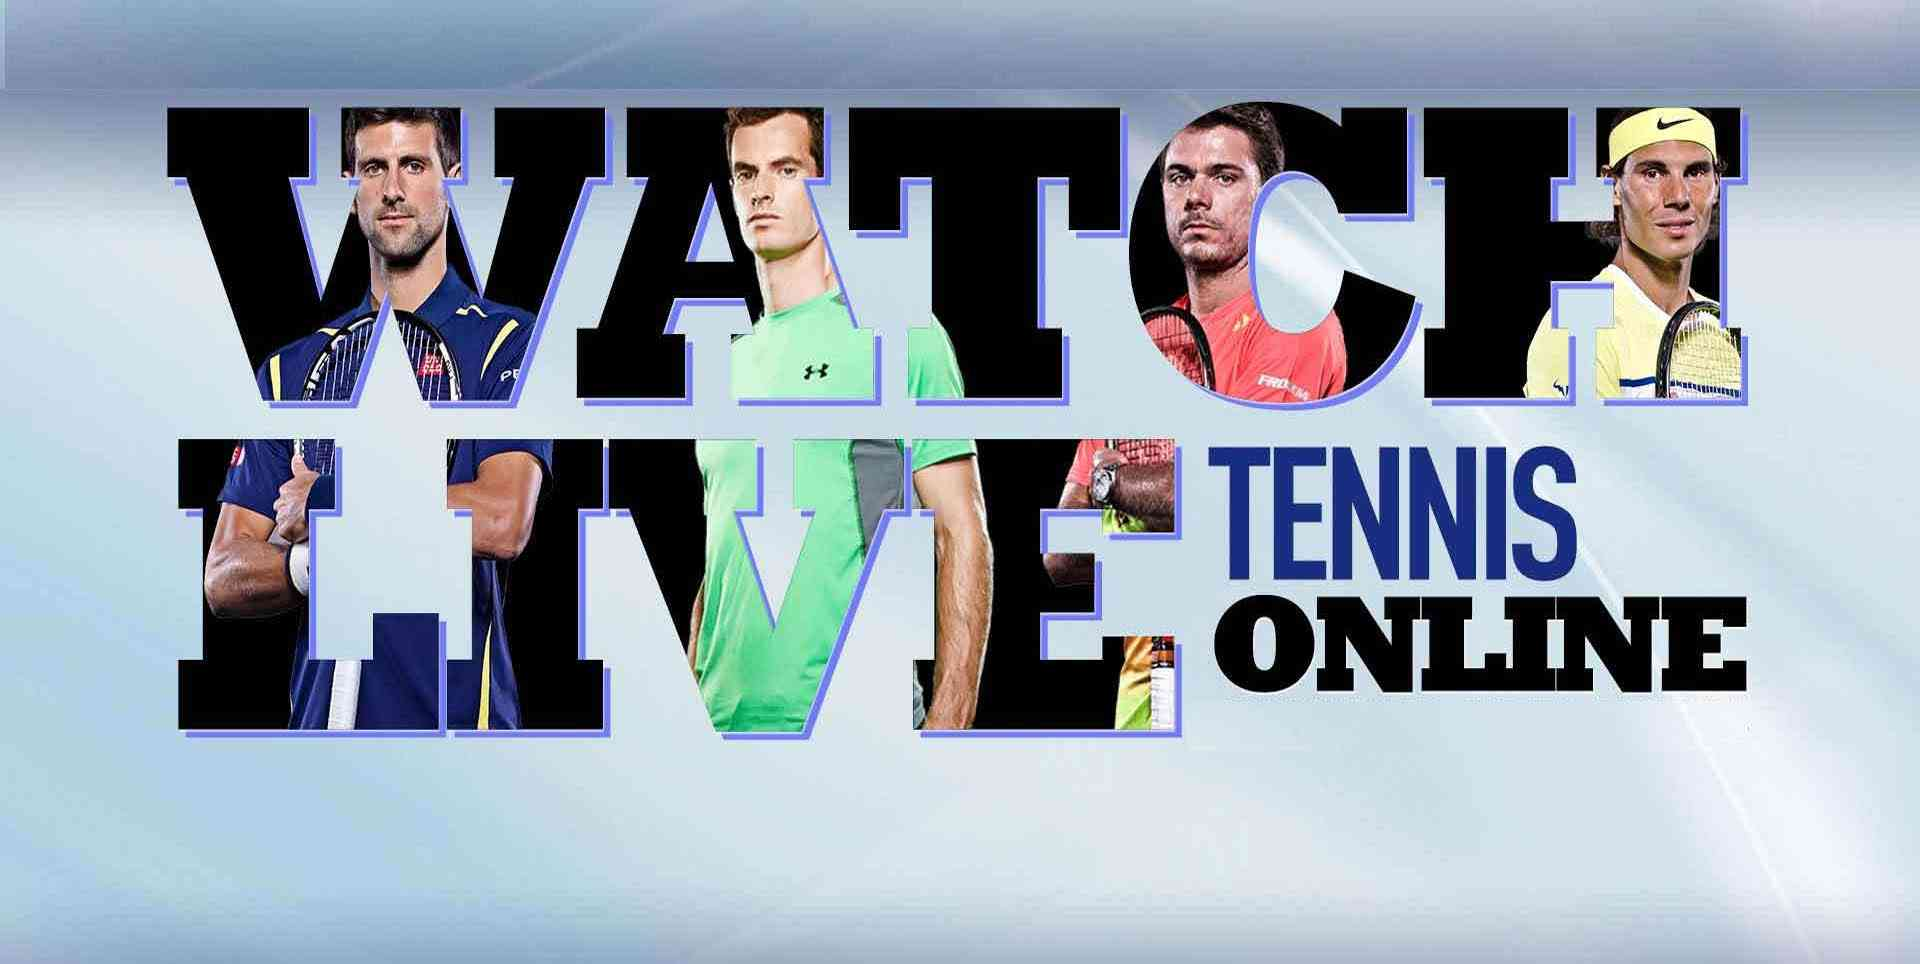 Watch Wimbledon 2014 live Online